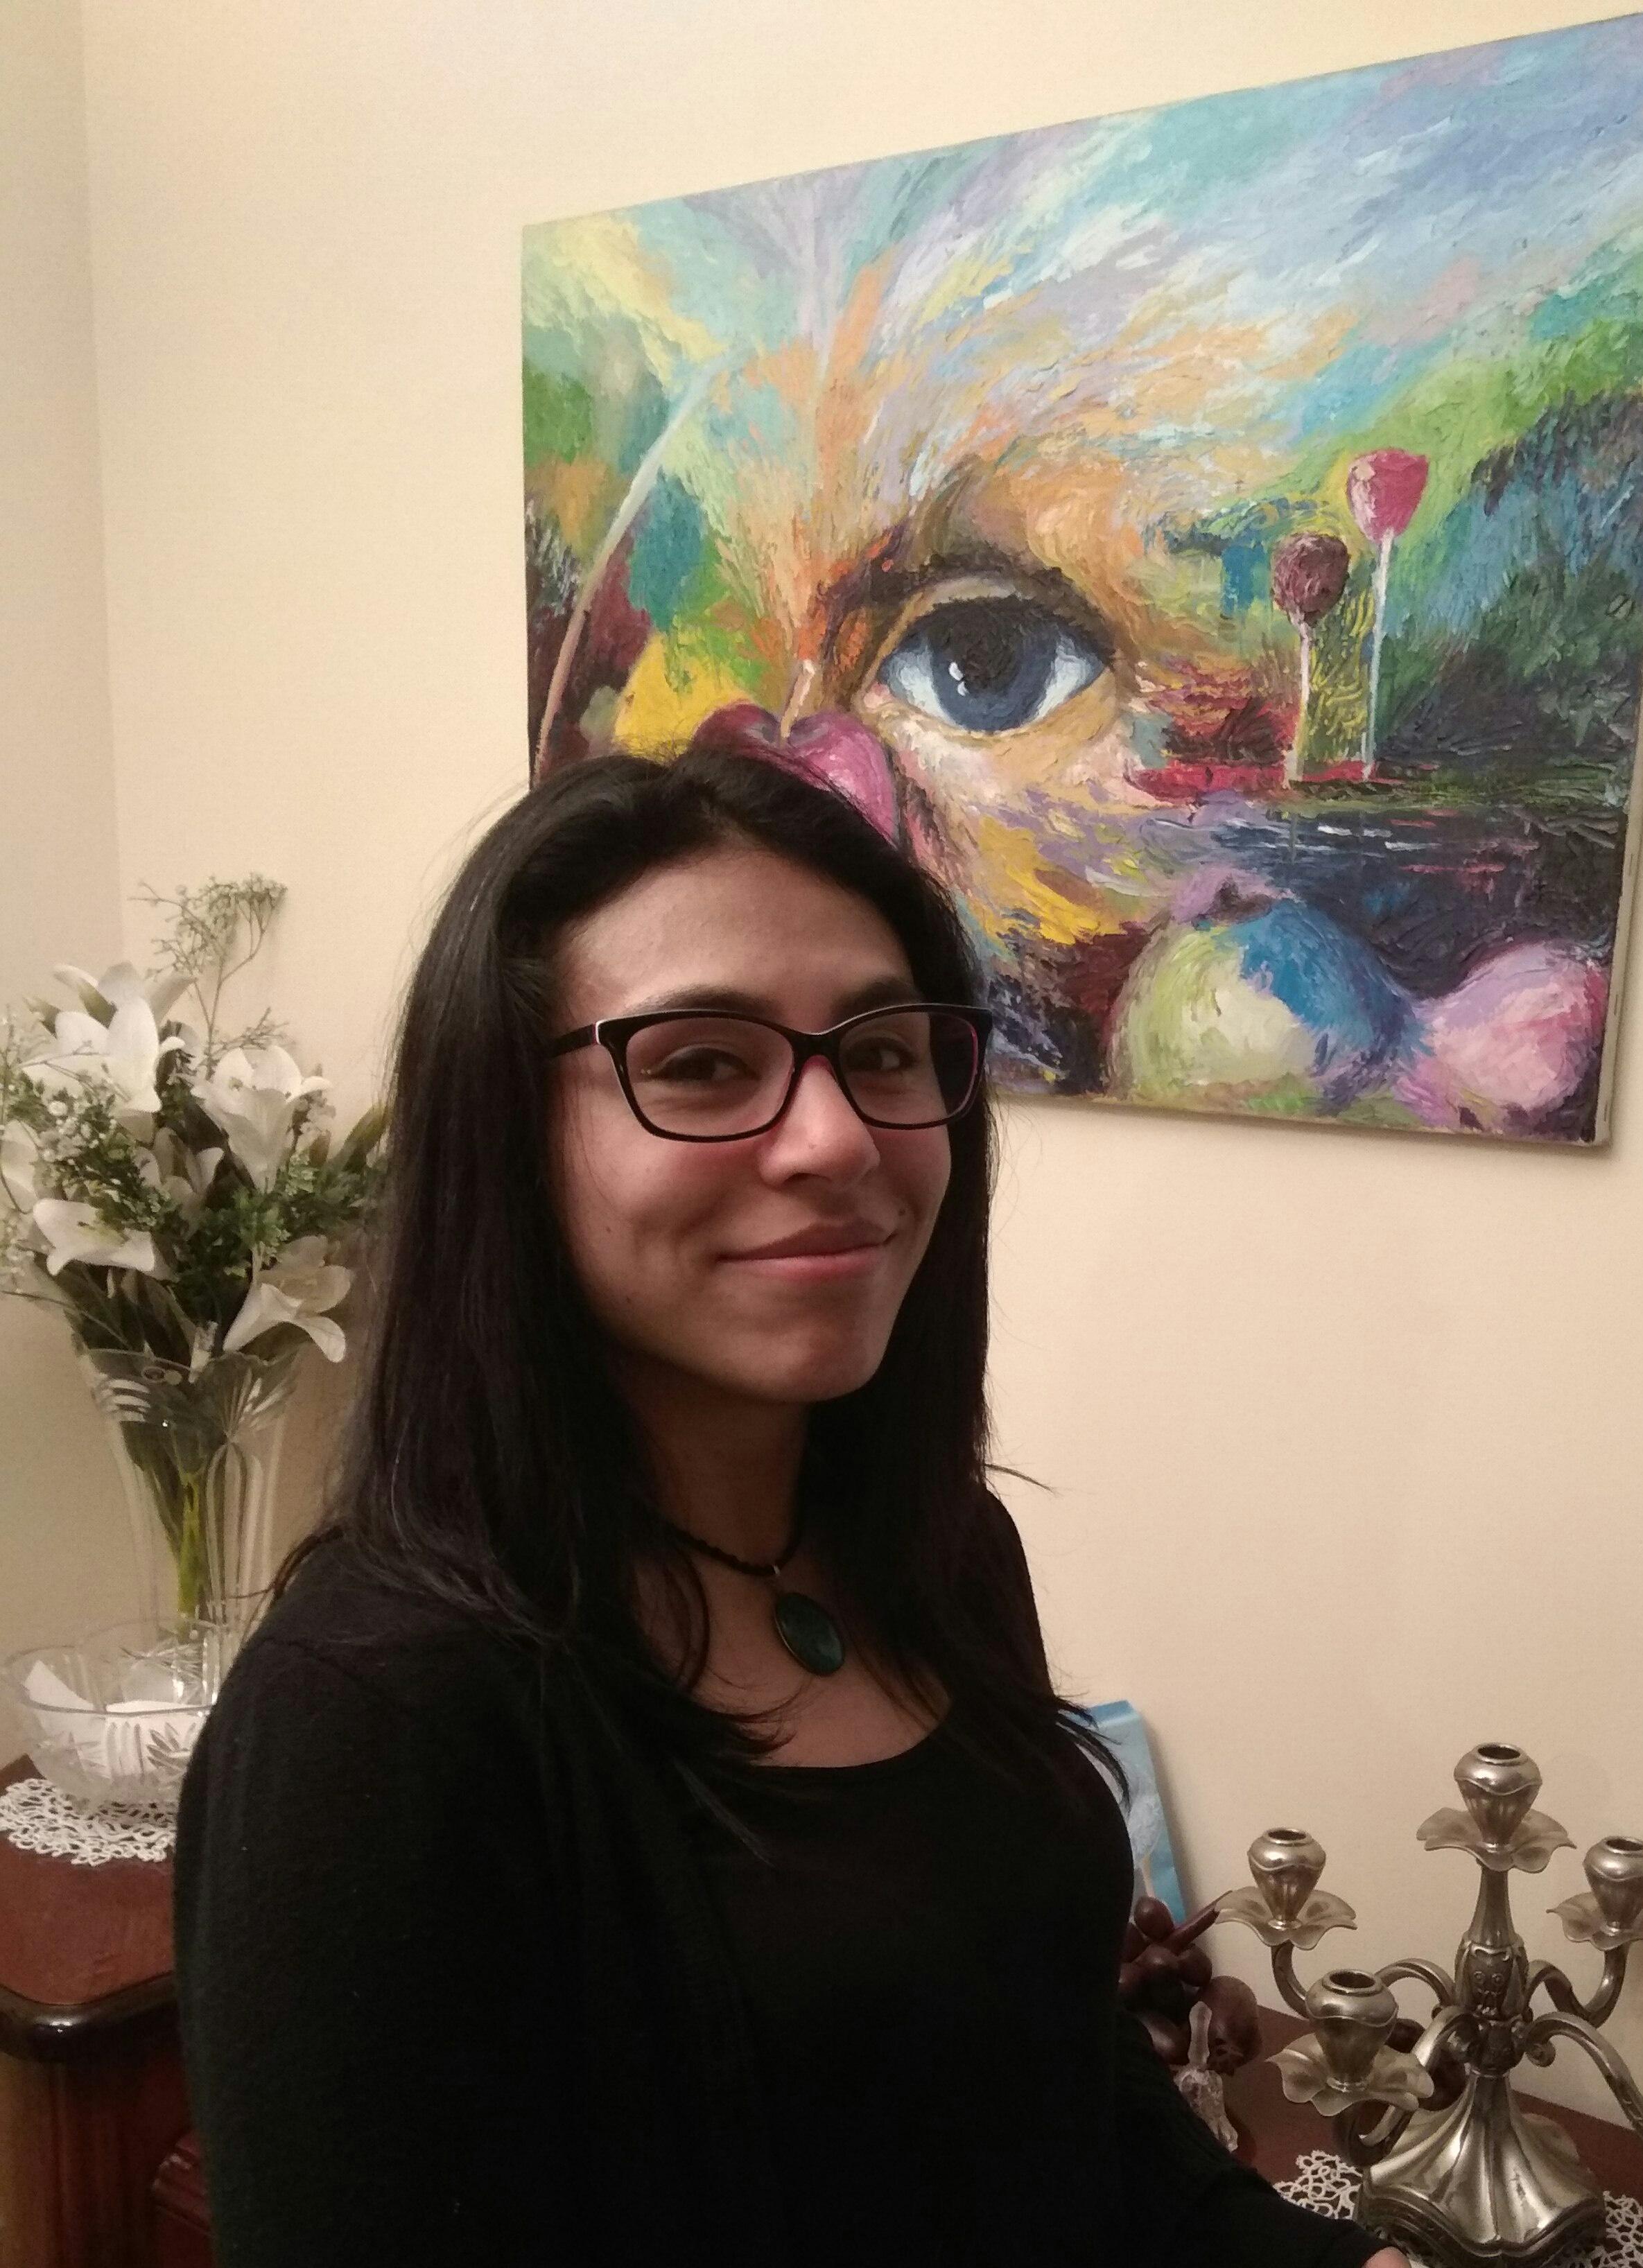 Laura Daniela Aristizabal Gonzalez